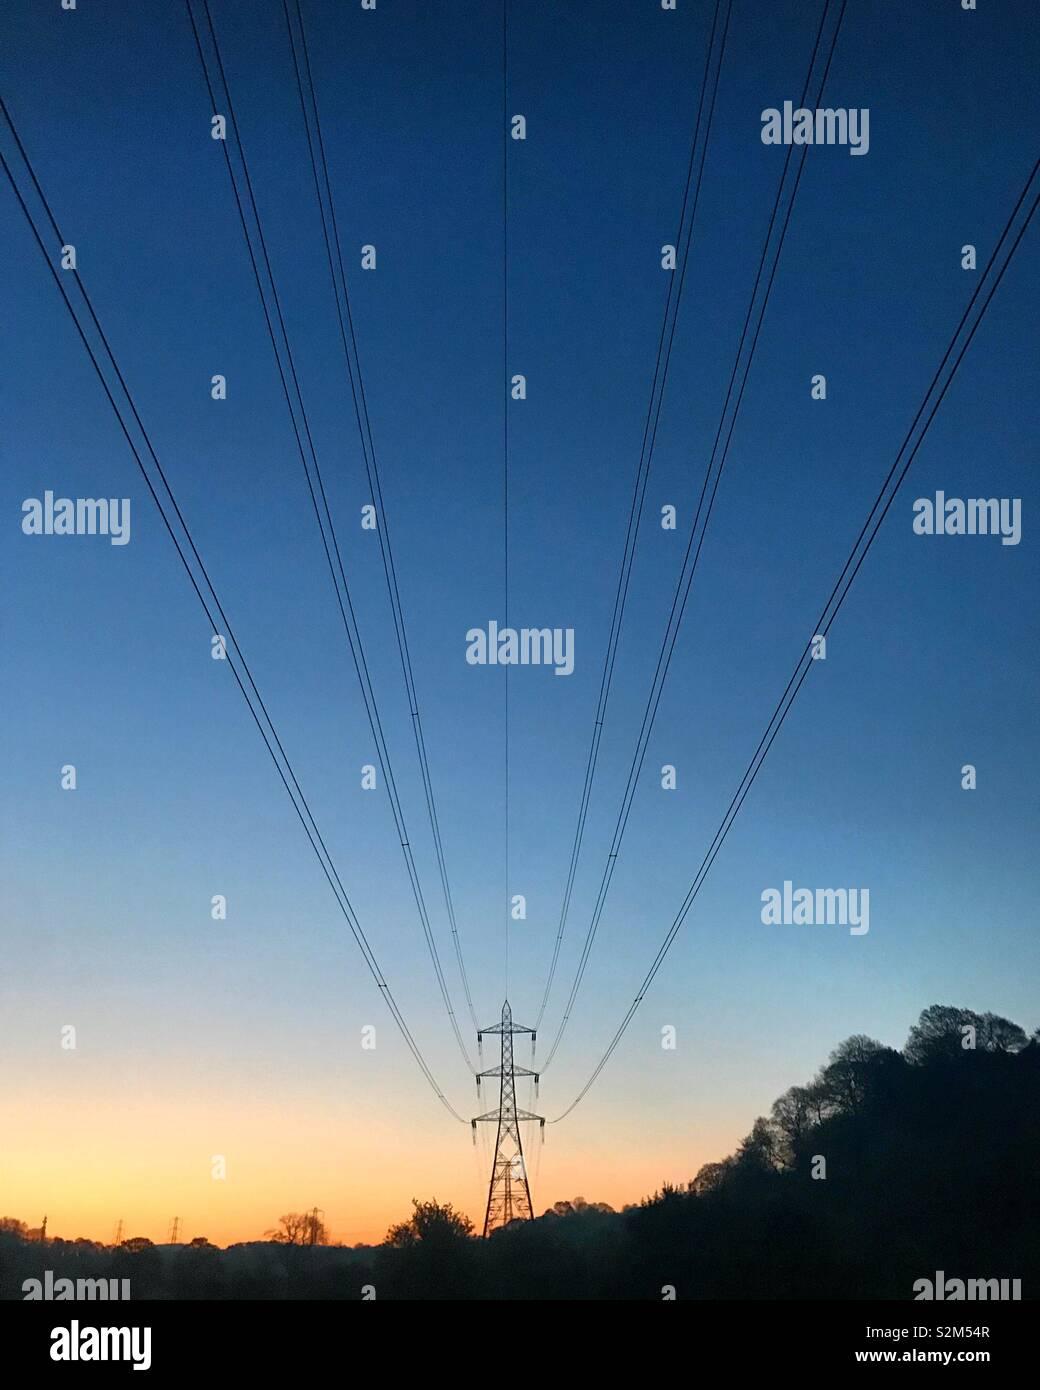 Le linee di alimentazione contro un sunrise a Manchester in Inghilterra Foto Stock